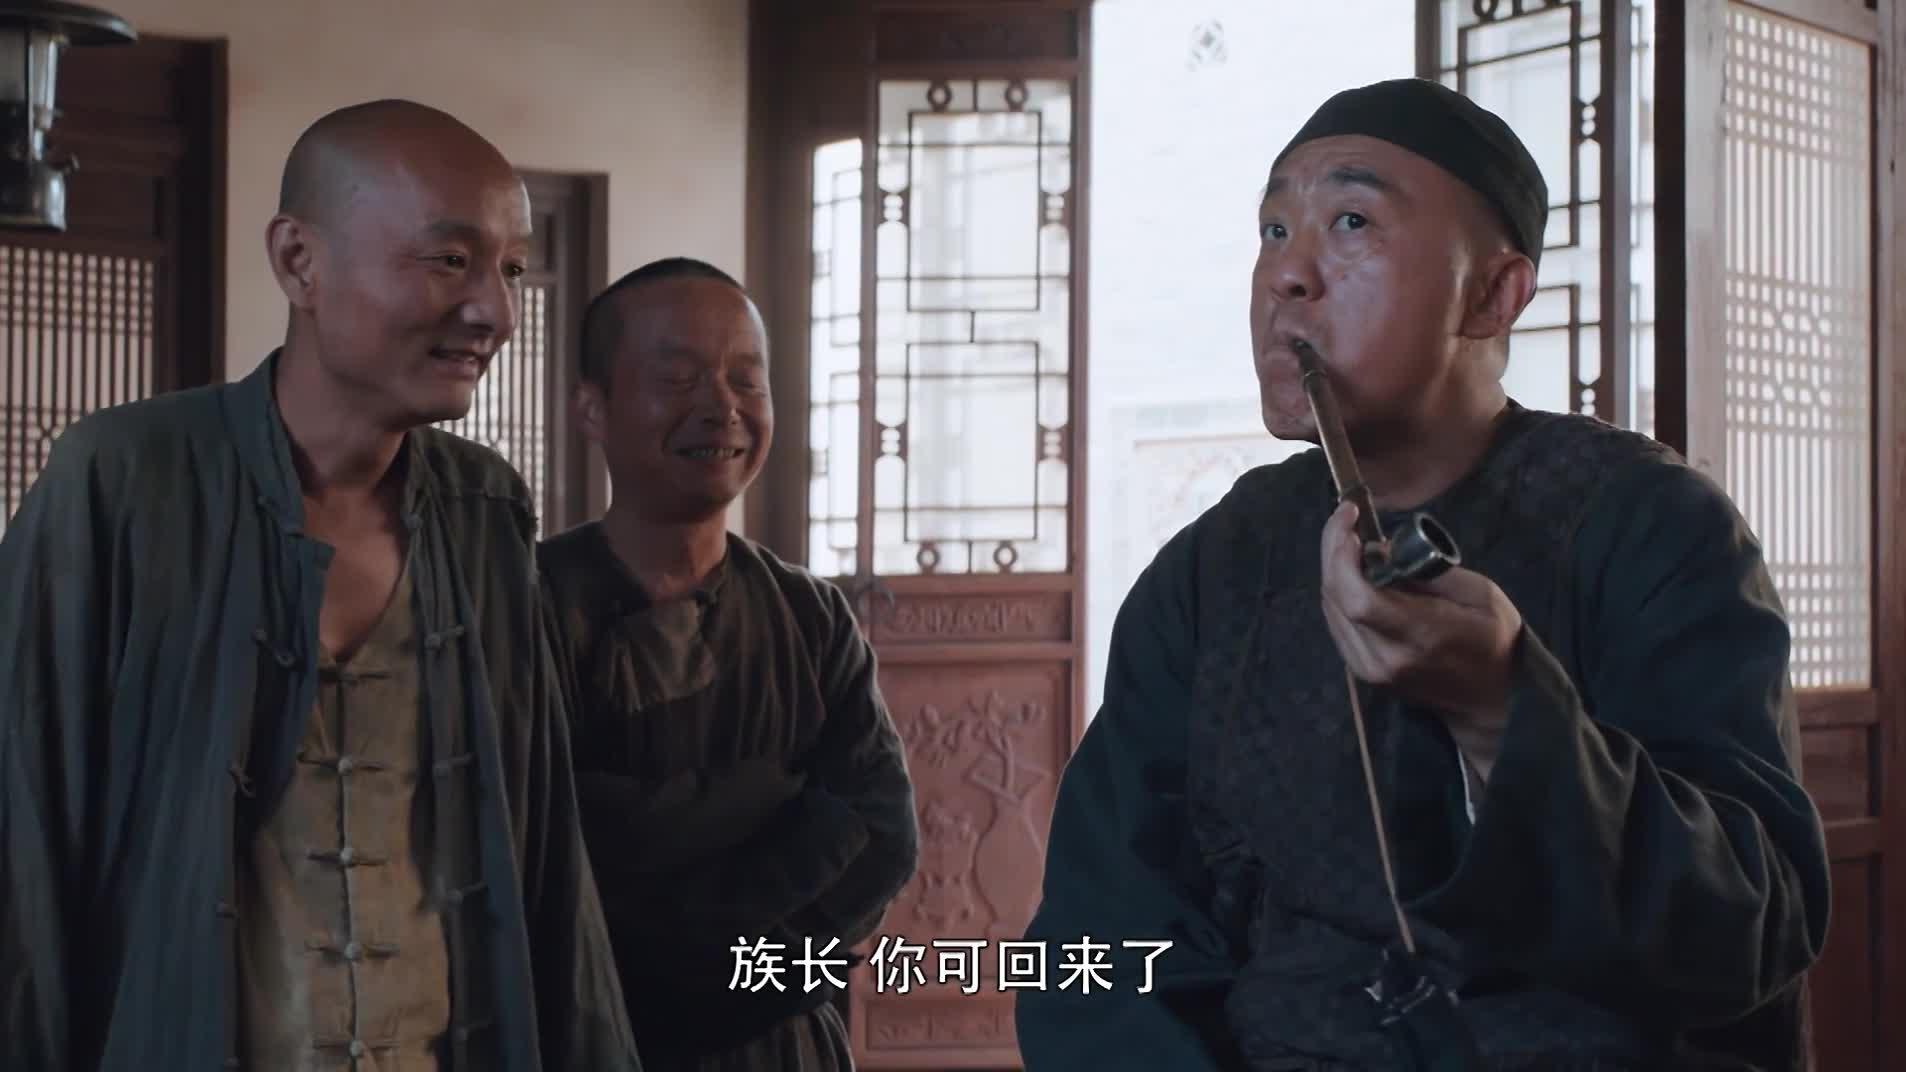 男子蹿腾村里人冷落族长,没想到族长一招把人都招来了